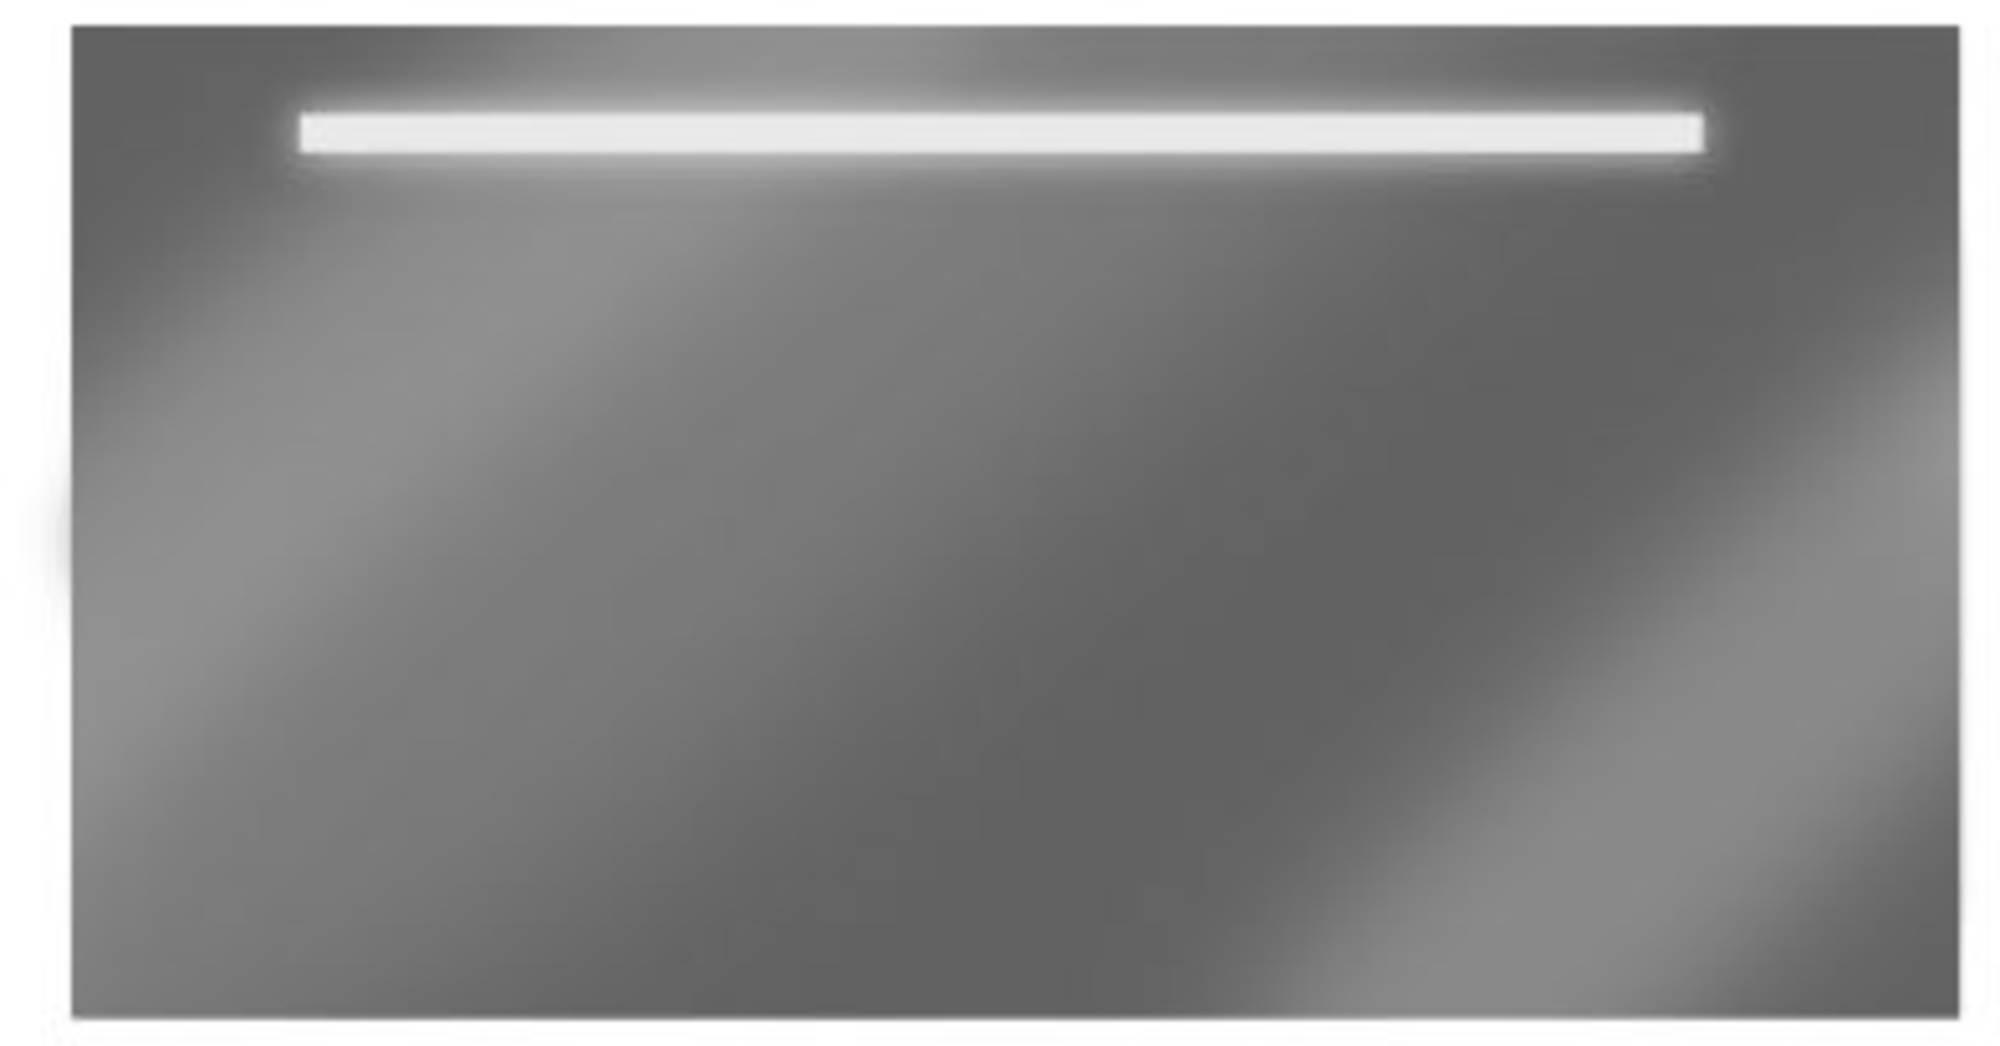 Looox spiegel 110 x 60 cm.met verlichting en verwarming